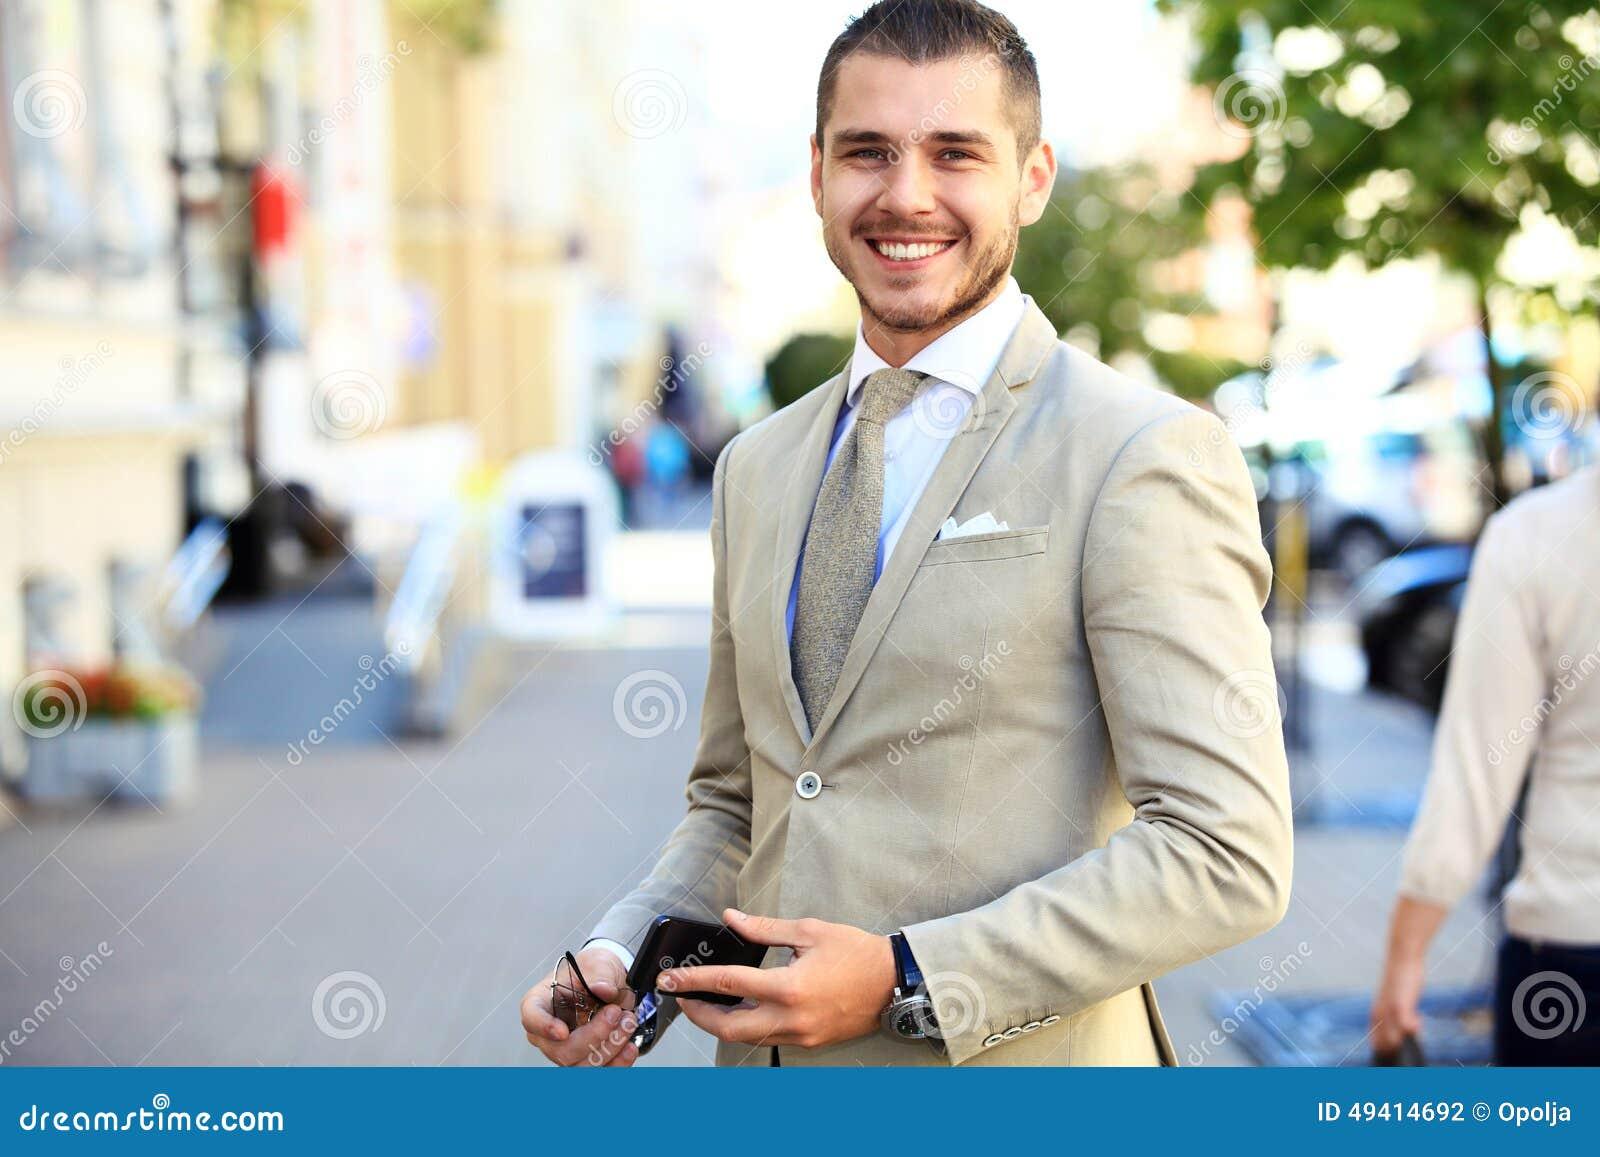 Download Porträt Eines Hübschen Geschäftsmannes Stockfoto - Bild von stattlich, unternehmer: 49414692